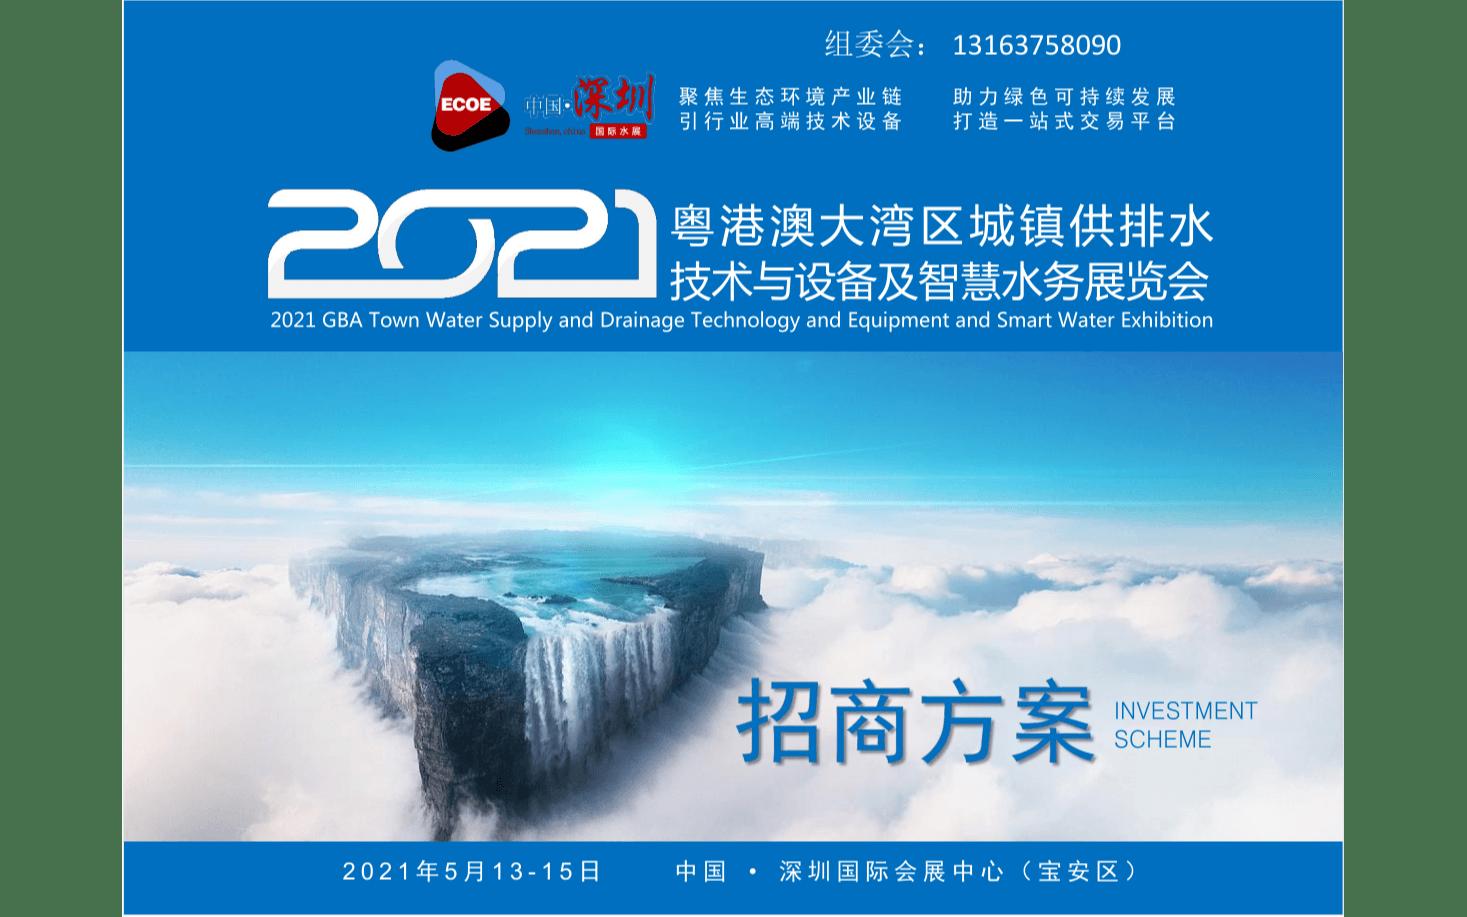 2021 粤港澳大湾区 城镇供排水技术设备及智慧水务 展览会